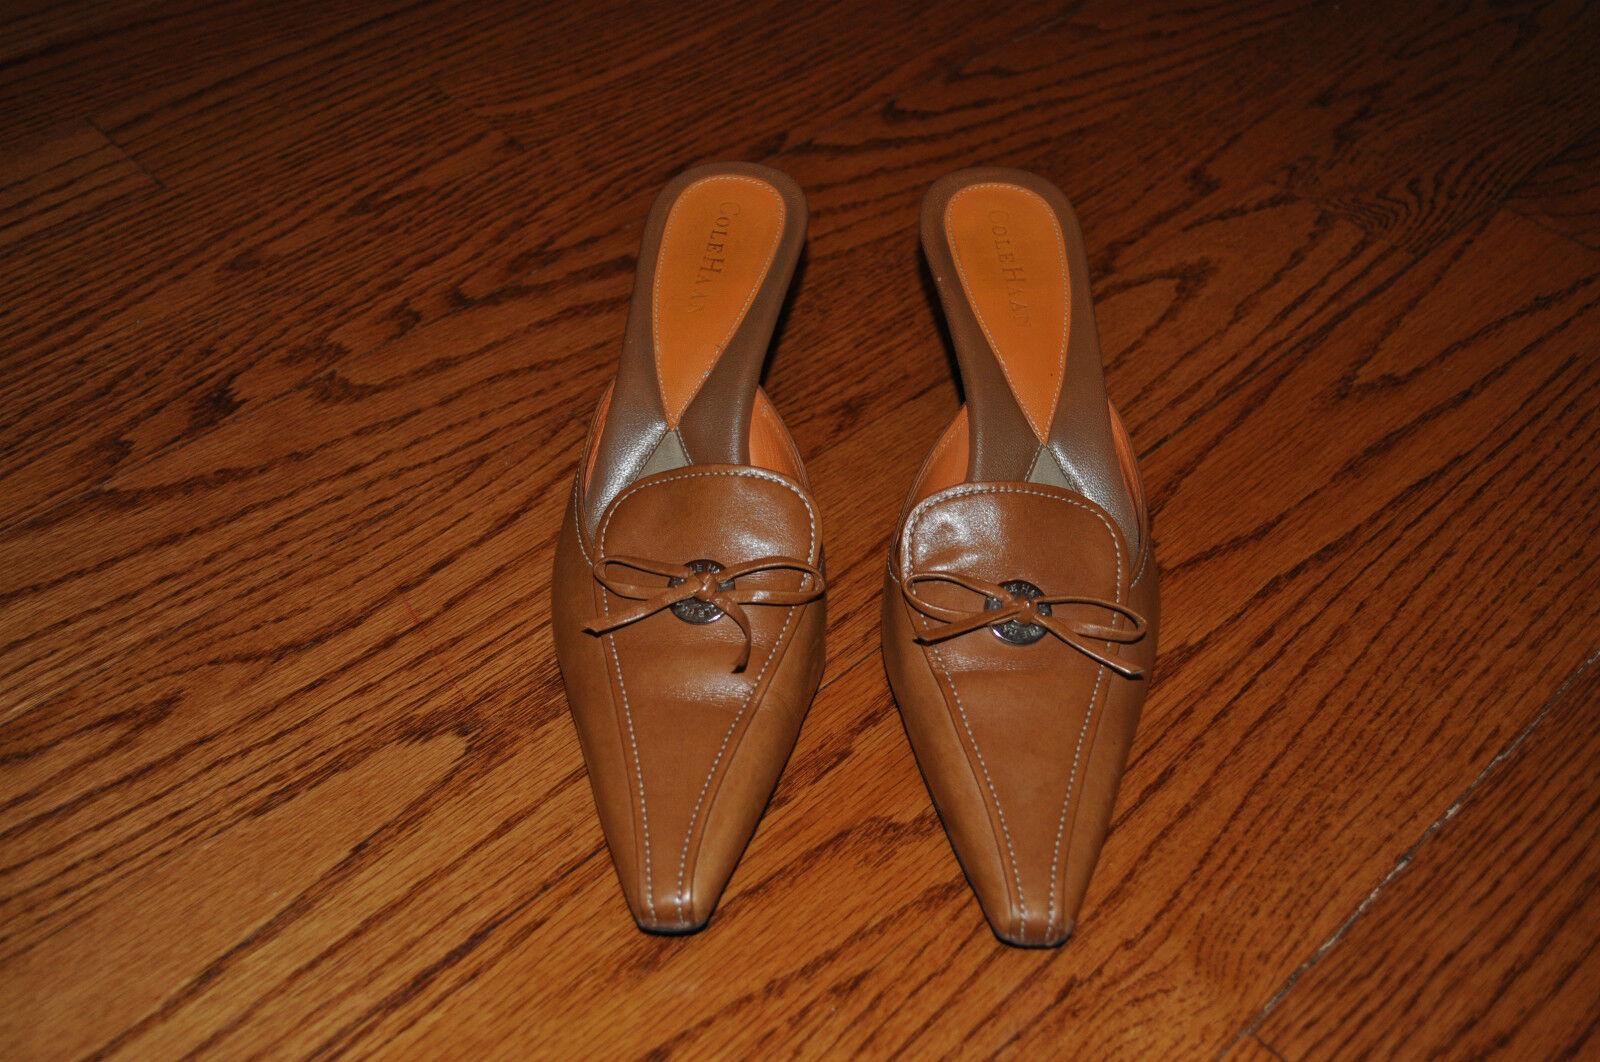 Mujer Zapatos Zapatos Zapatos De Tacón Cuero Marrón Cole Haan Talla 8.5 M Hecho En Brasil  tienda de venta en línea